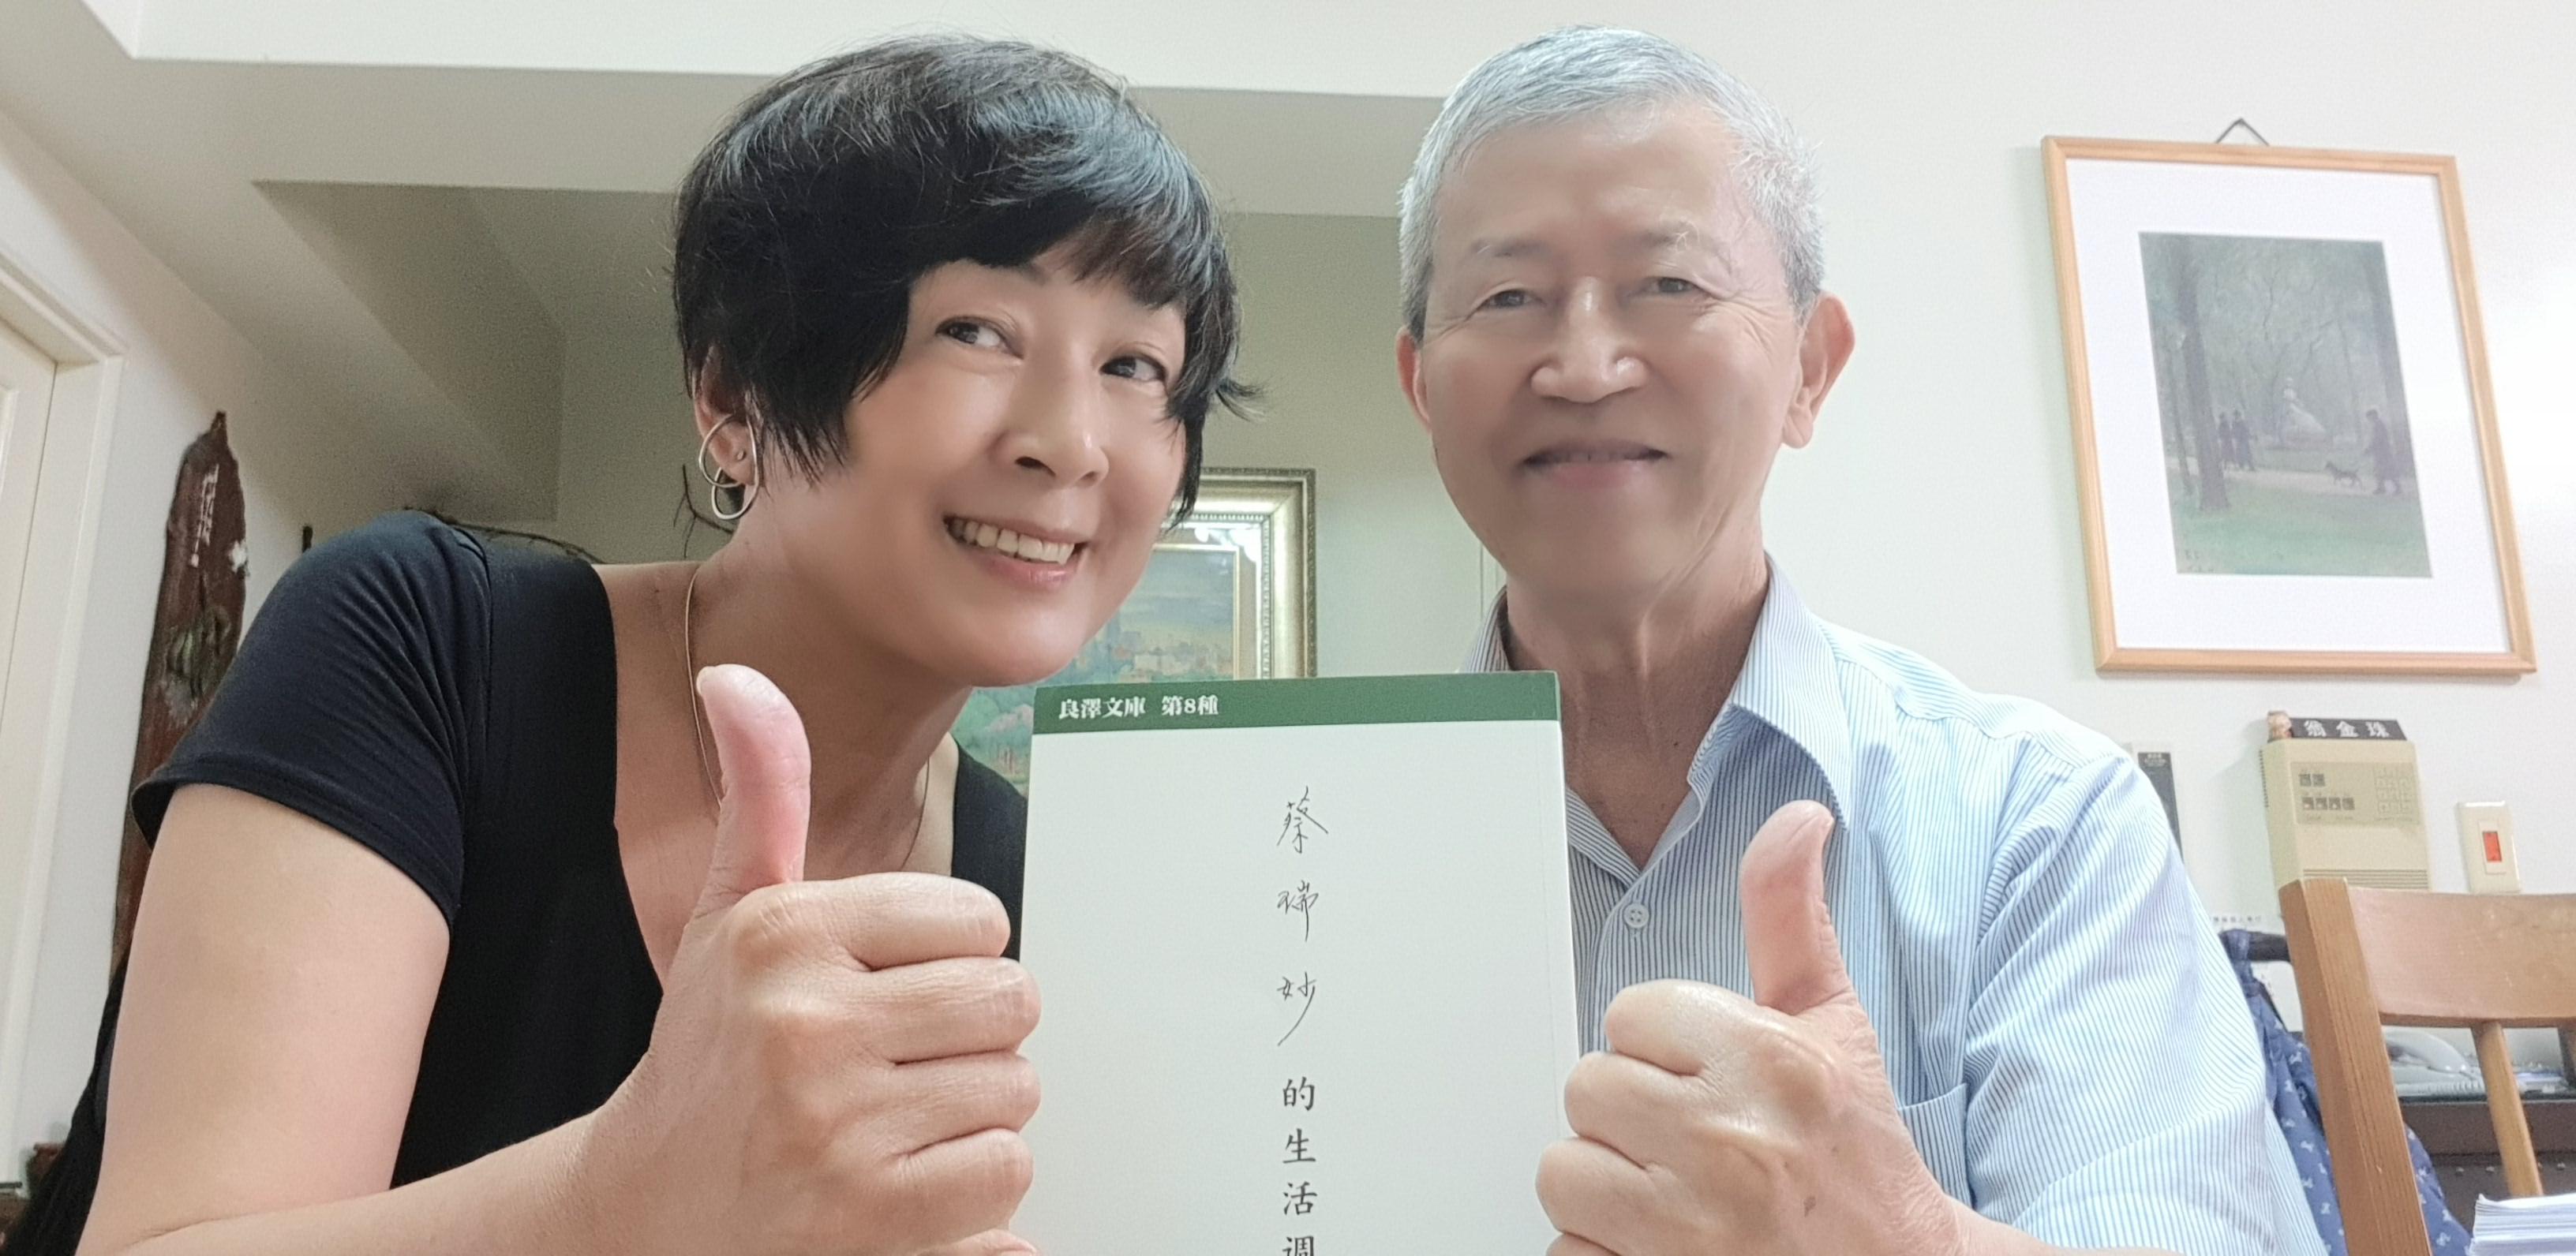 結婚相手 田村正資